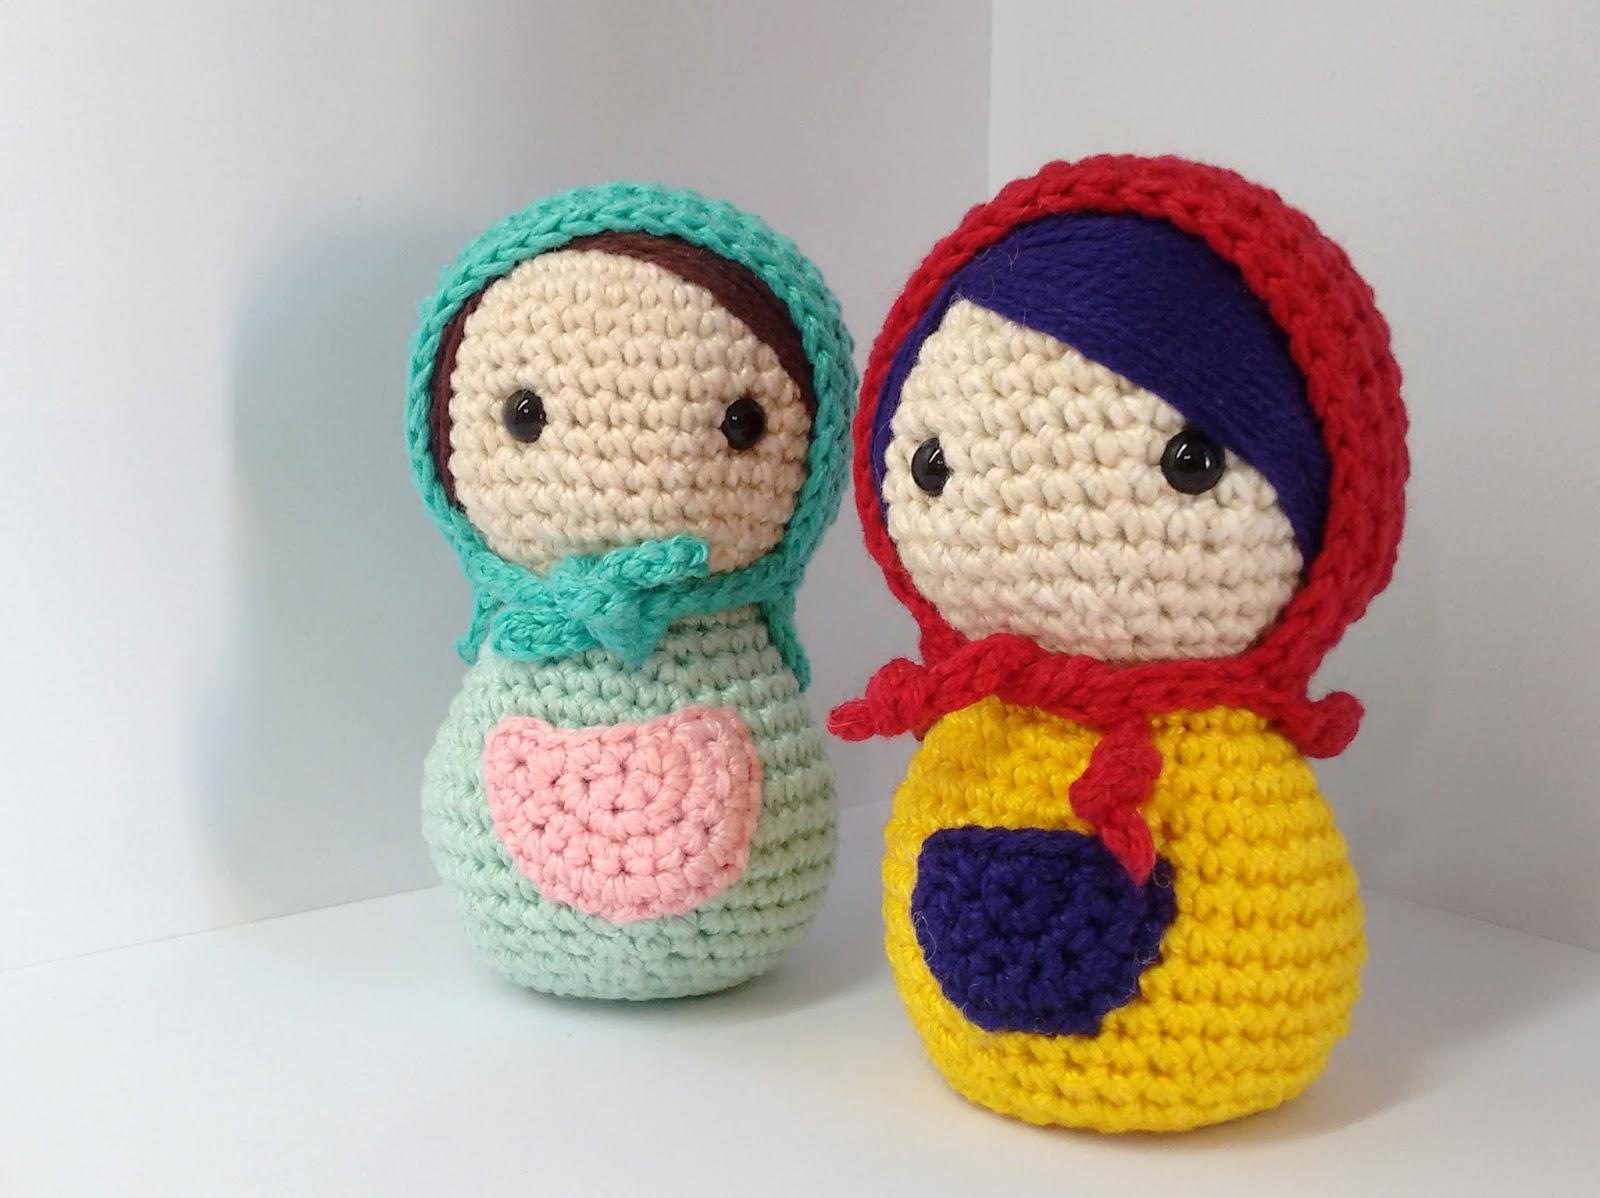 Bonecas de Crochê: amigurumi passo a passo, ideias | Bonecas de ... | 1198x1600